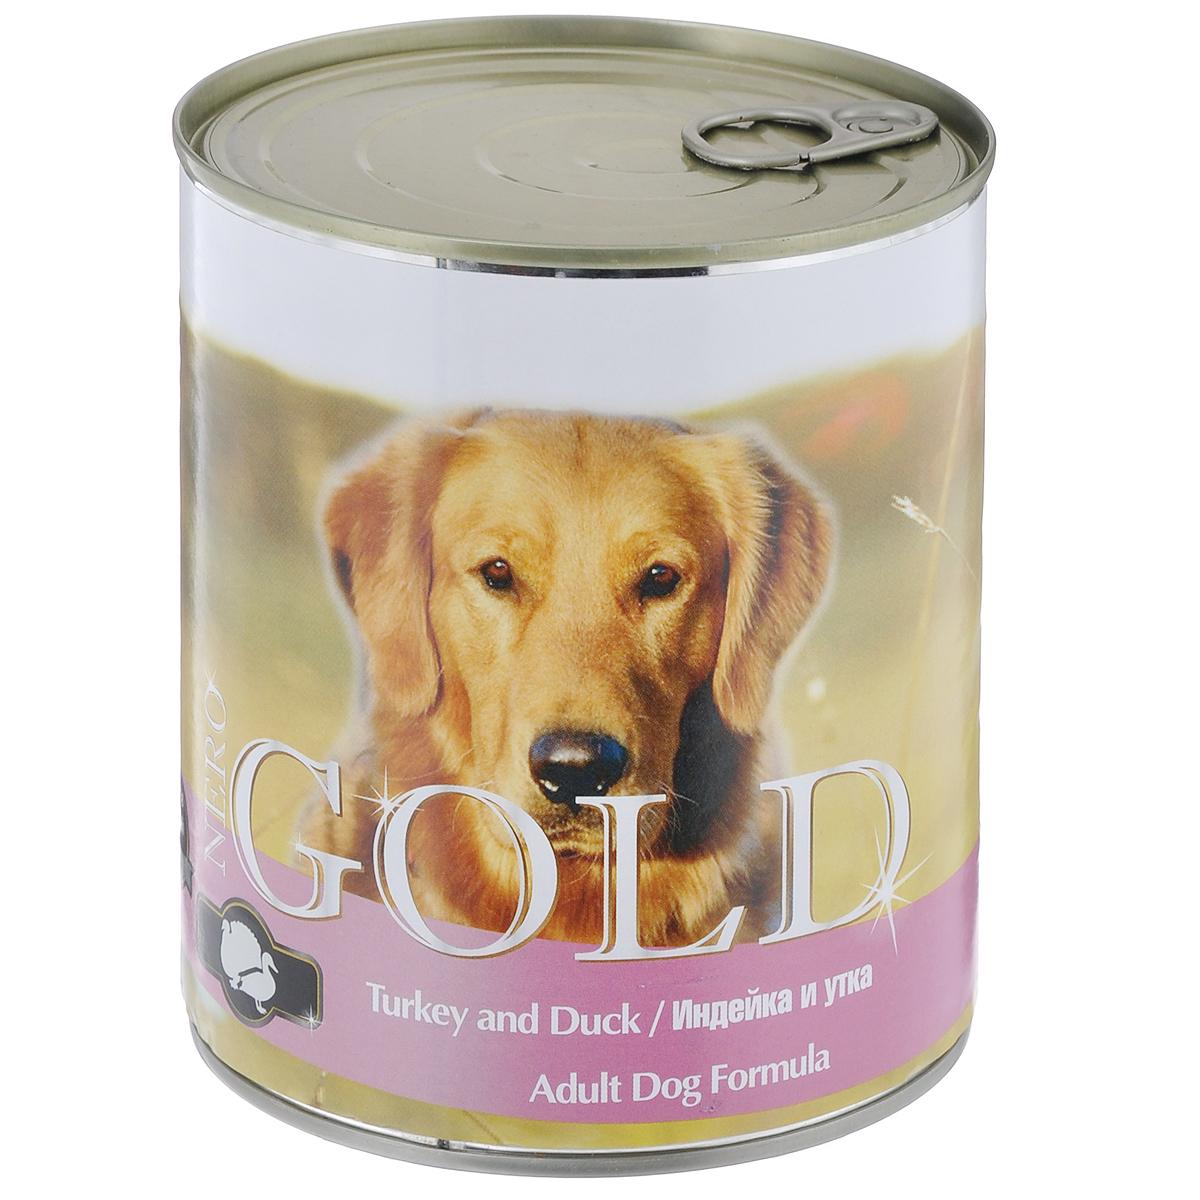 Консервы для собак Nero Gold, с индейкой и уткой, 810 г10318Консервы для собак Nero Gold - полнорационный продукт, содержащий все необходимые витамины и минералы, сбалансированный для поддержания оптимального здоровья вашего питомца! Состав: мясо и его производные, филе курицы, филе индейки, филе утки, злаки, витамины и минералы. Гарантированный анализ: белки 6,5%, жиры 4,5%, клетчатка 0,5%, зола 2%, влага 81%. Пищевые добавки на 1 кг продукта: витамин А 1600 МЕ, витамин D 140 МЕ, витамин Е 10 МЕ, железо 24 мг, марганец 6 мг, цинк 15 мг, медь 1 мг, магний 200 мг, йод 0,3 мг, селен 0,2 мг. Вес: 810 г. Товар сертифицирован.